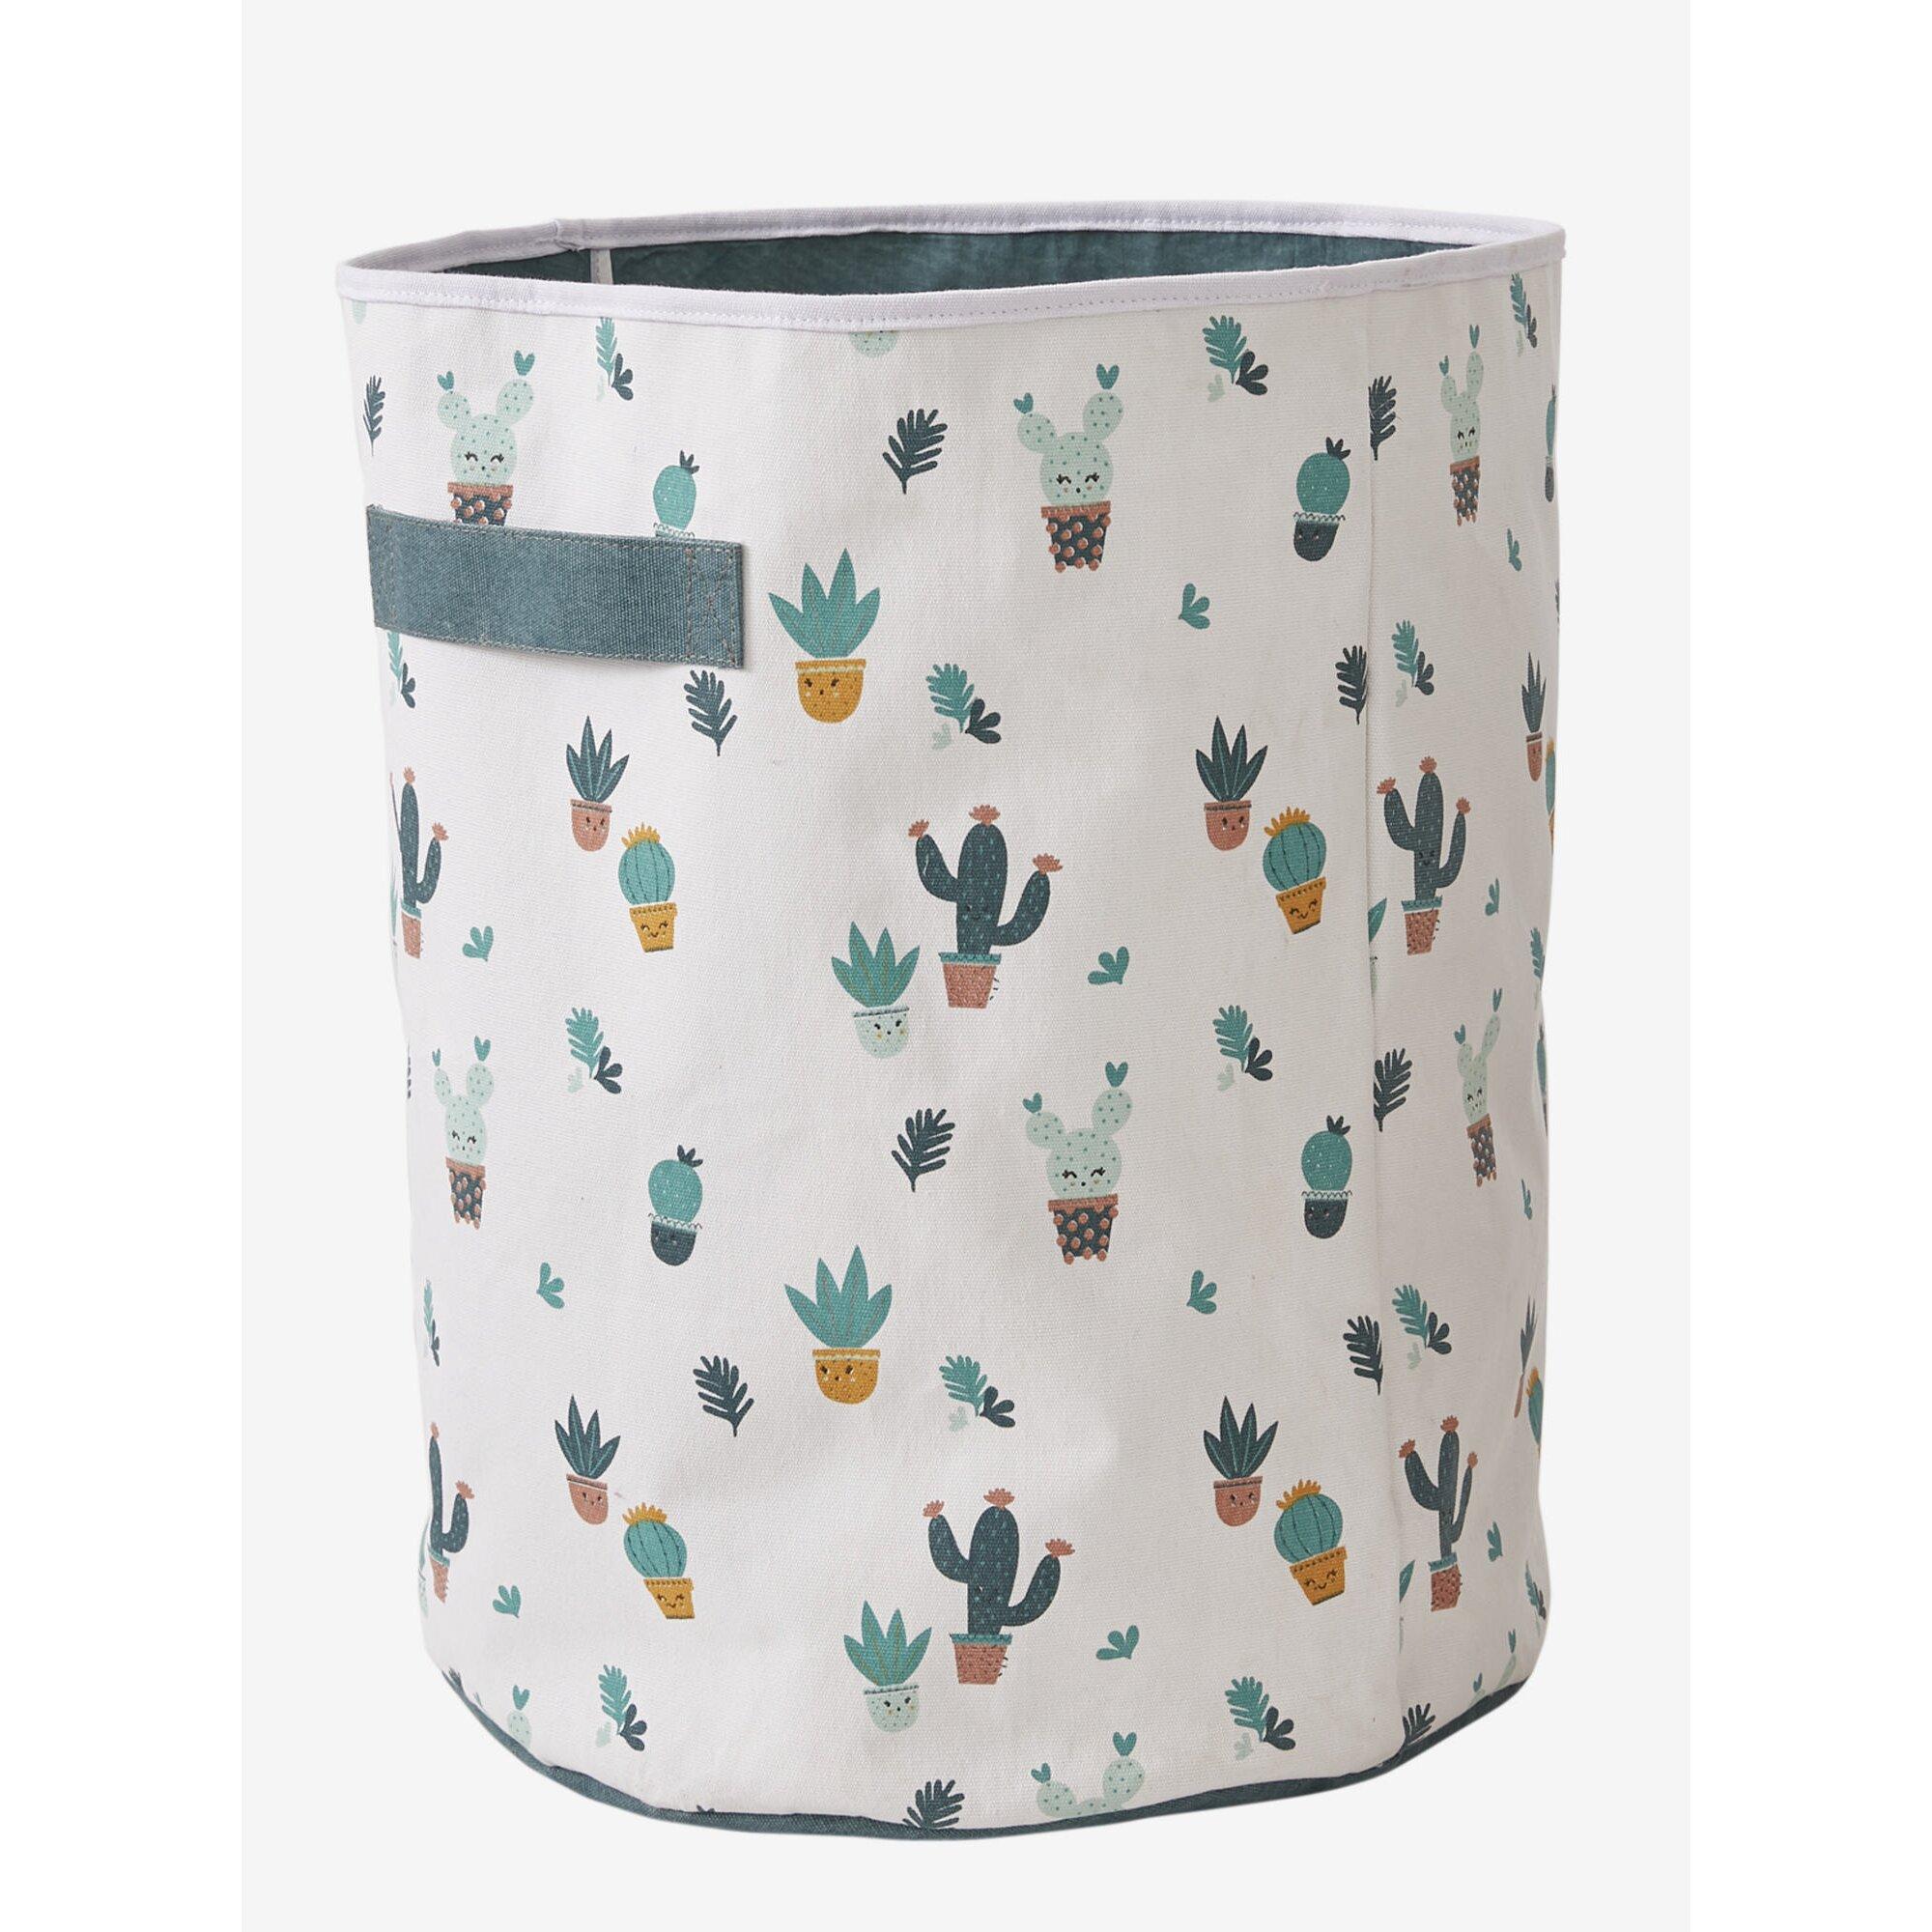 vertbaudet-aufbewahrungskorb-kaktus-